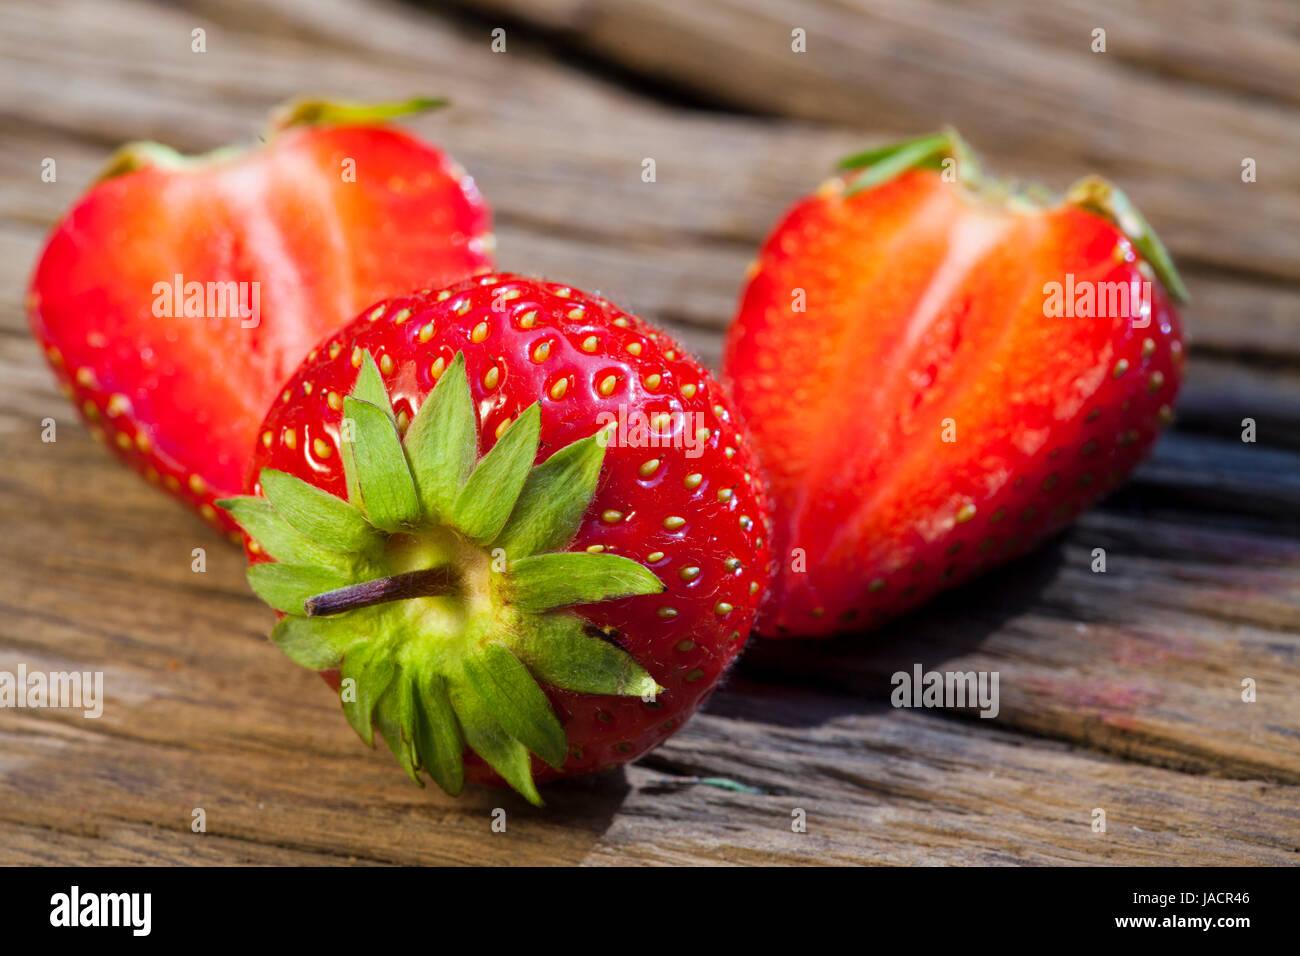 Frische Erdbeeren der Saison, eine ganze und zwei halbe auf einem Holzuntergrund - Stock Image